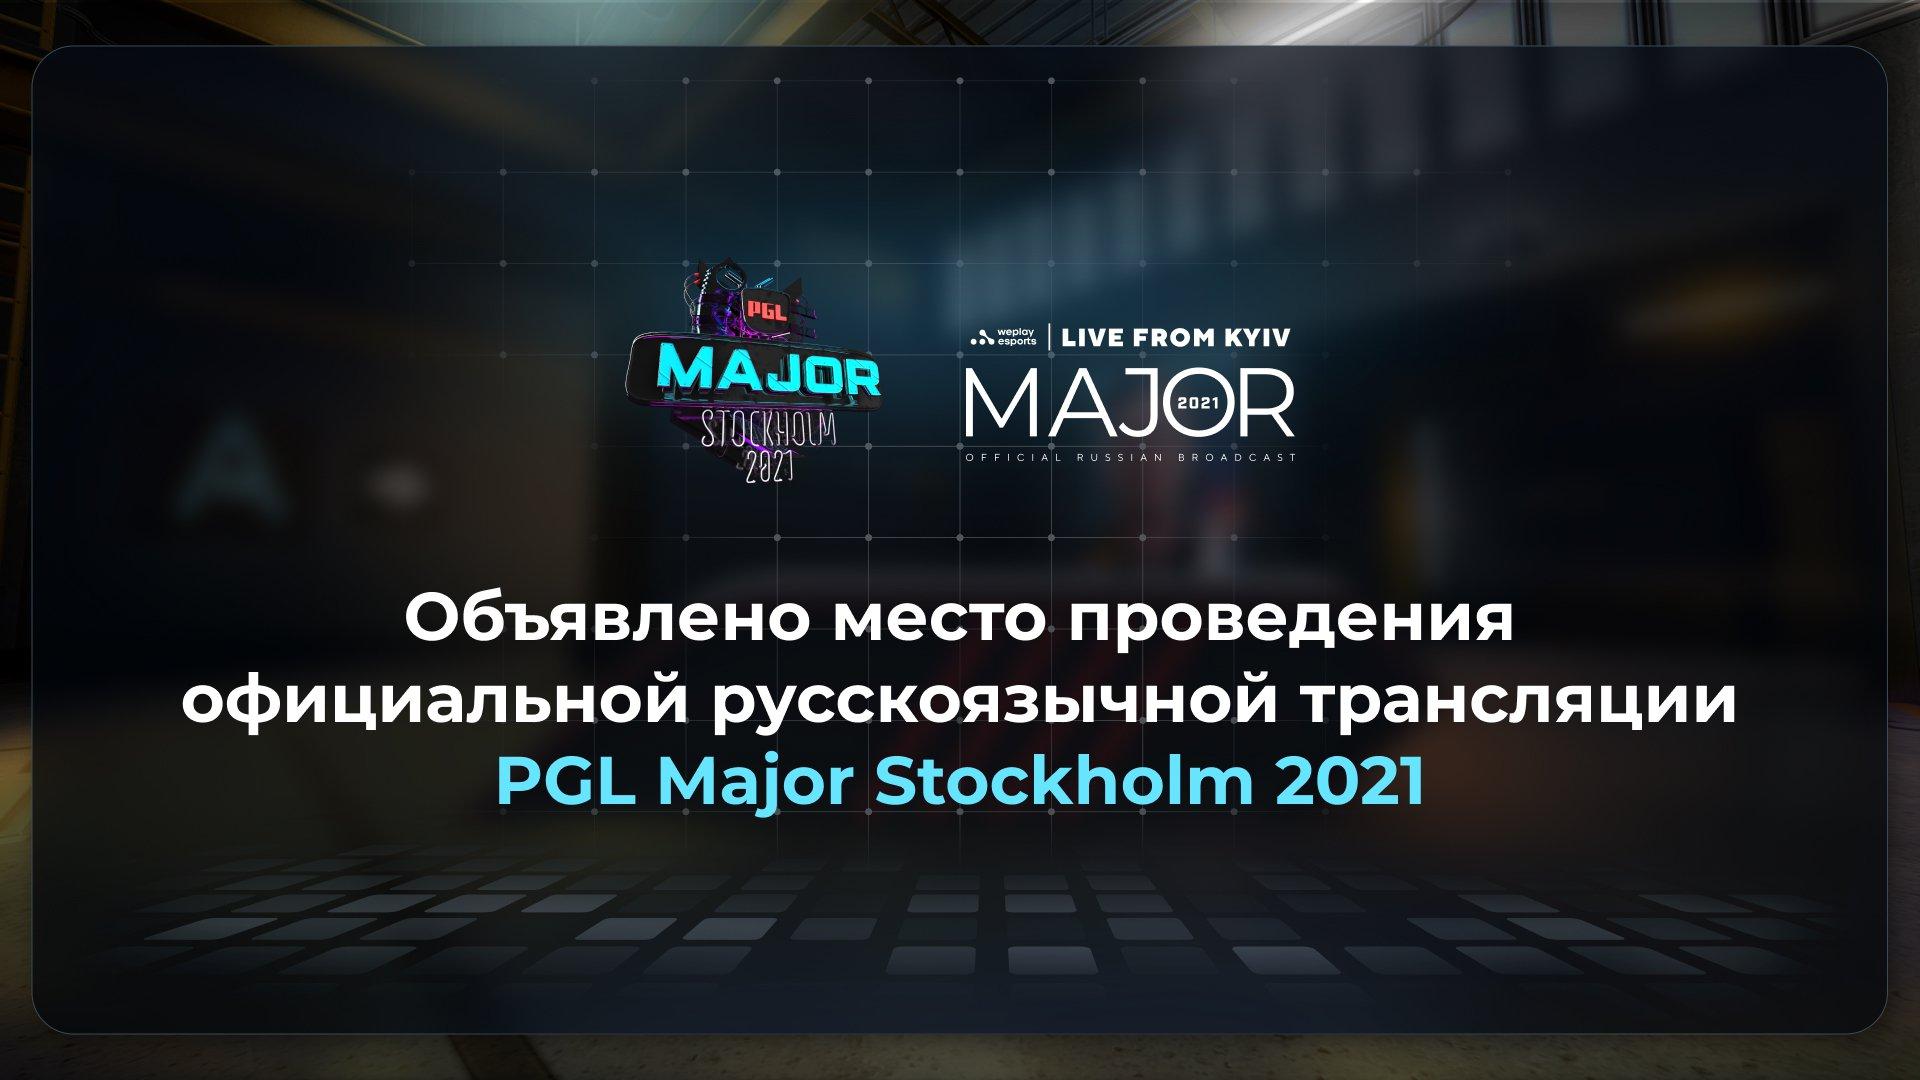 Объявлено место проведения официальной русскоязычной трансляции турнира PGL Major Stockholm 2021. Изображение: WePlay Holding